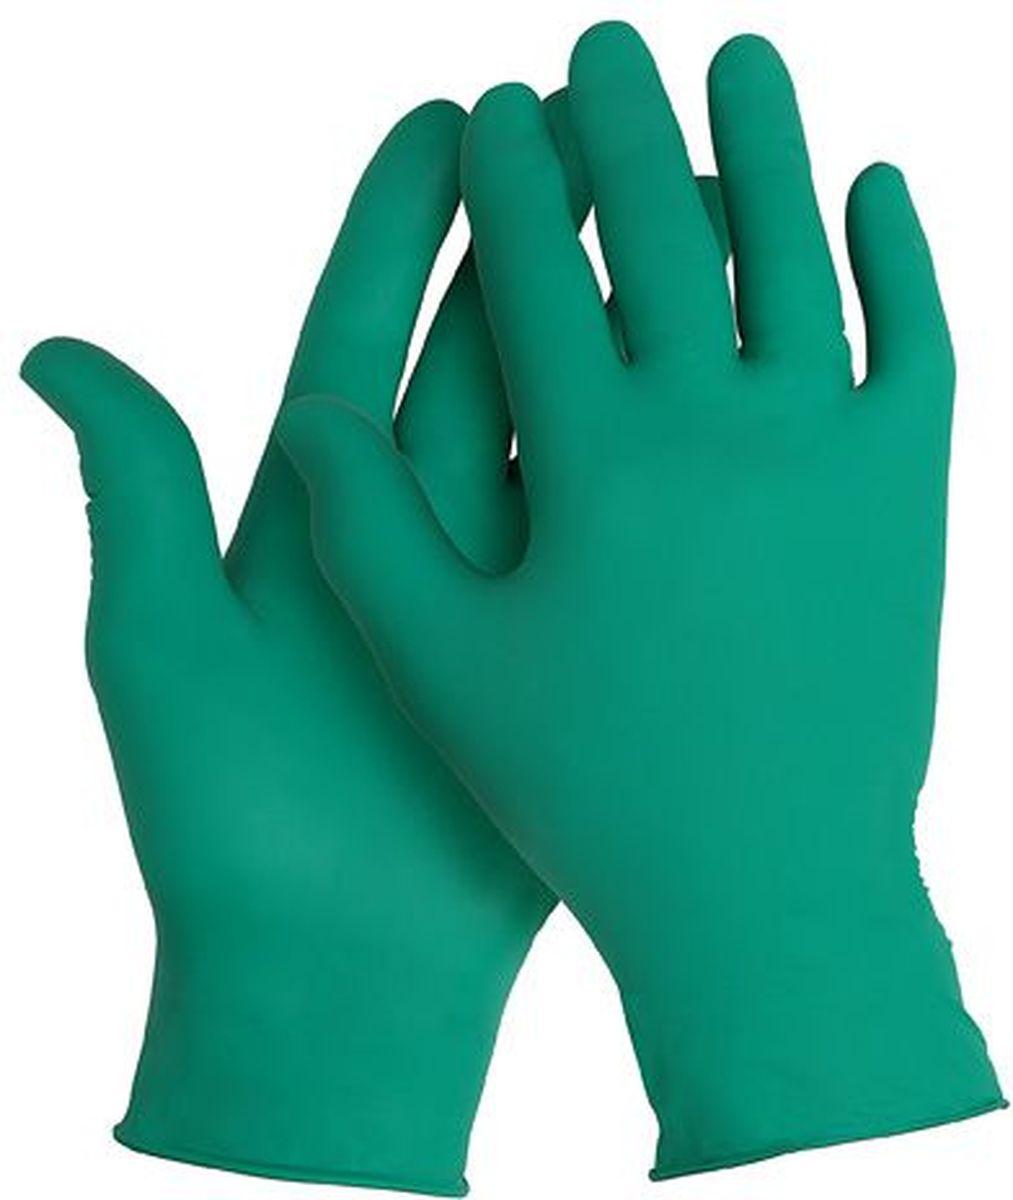 Перчатки хозяйственные Kleenguard G20, цвет: зеленый. Размер 9 (L). 9009390093Ассортимент перчаток для защиты рук от химических веществ и механических воздействий – повышают безопасность работ и сокращают затраты. Идеальное решение, обеспечивающее защиту уровня СИЗ категории III (CE Complex) от брызг химических веществ в медицине, полиграфии, сельском хозяйстве, на участках сборки и окраски автомобилей, при выполнении аварийных работ, сборе мусора, химических разливов и утилизации отходов. Не содержат латекс и присыпок. Прочные и эргономичные перчатки с высокой тактильной чувствительностью. Могут быть использованы в пищевой промышленности или HoReCa. Формат поставки: сверхтонкие перчатки с универсальным дизайном для обеих рук; не содержат присыпку и латекс; усиленная манжета для дополнительной прочности, рельефная поверхность пальцев для лучшего захвата; широкий ассортимент размеров – от XS до XL – обеспечивает комфортное ношение. Размеры: 90090 - XS (6) 90091 - S (7) 90092 - M (8) 90093 - L (9)